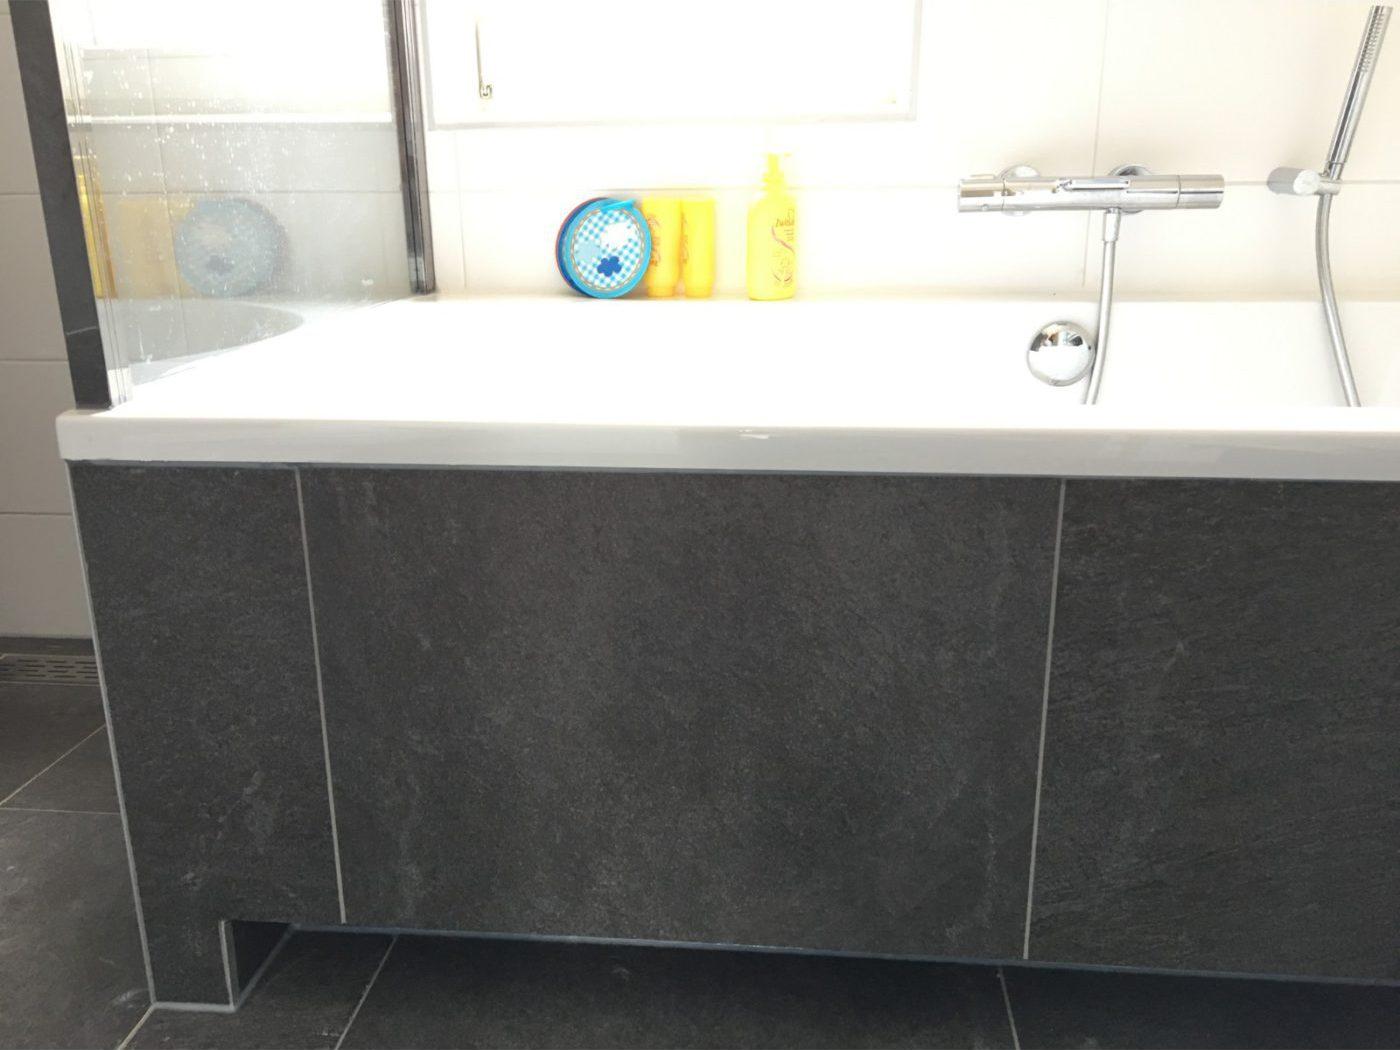 nieuwbouw casco opgeleverd Badkamer en toilet gemaakt Weesp | Tuijps